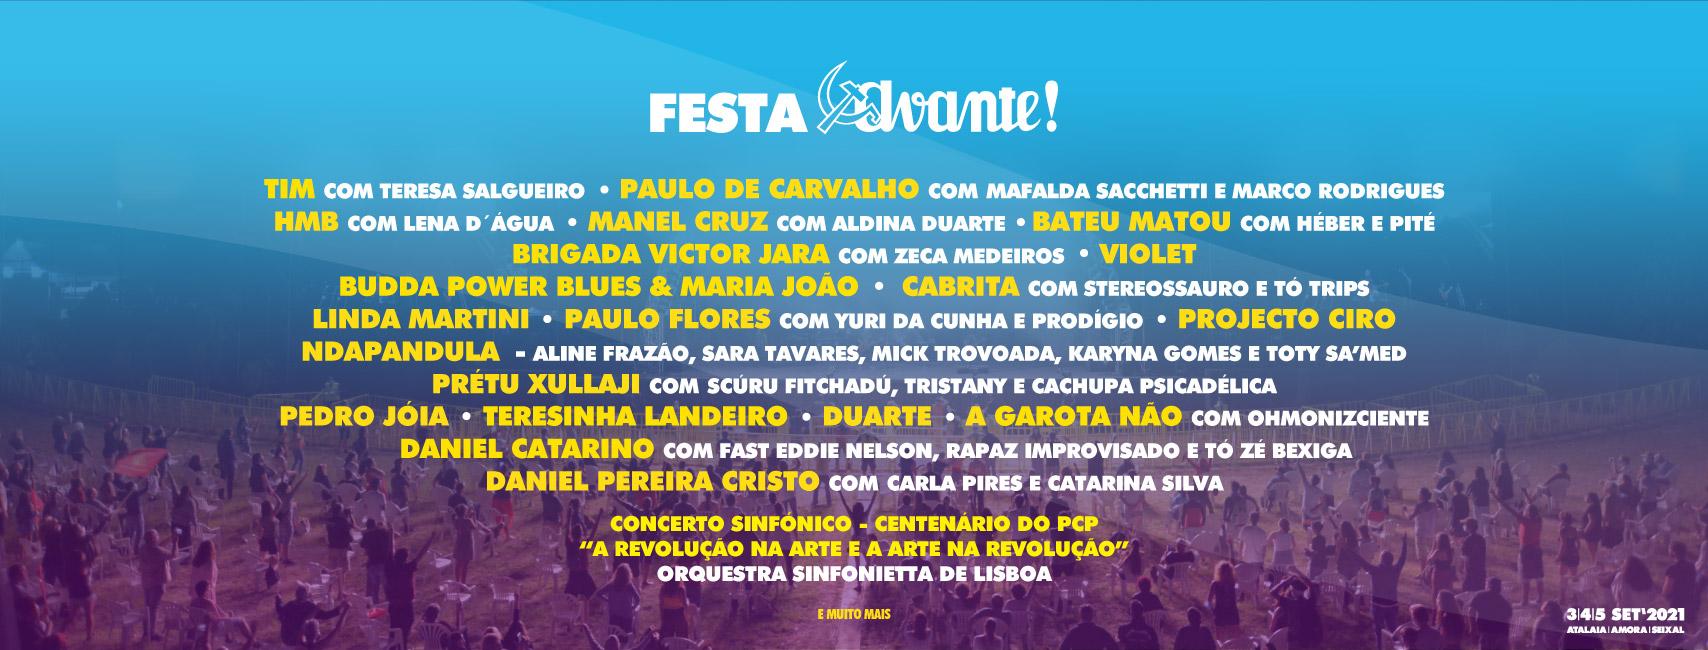 Festa do Avante 2021 cartaz | artistas - bandas